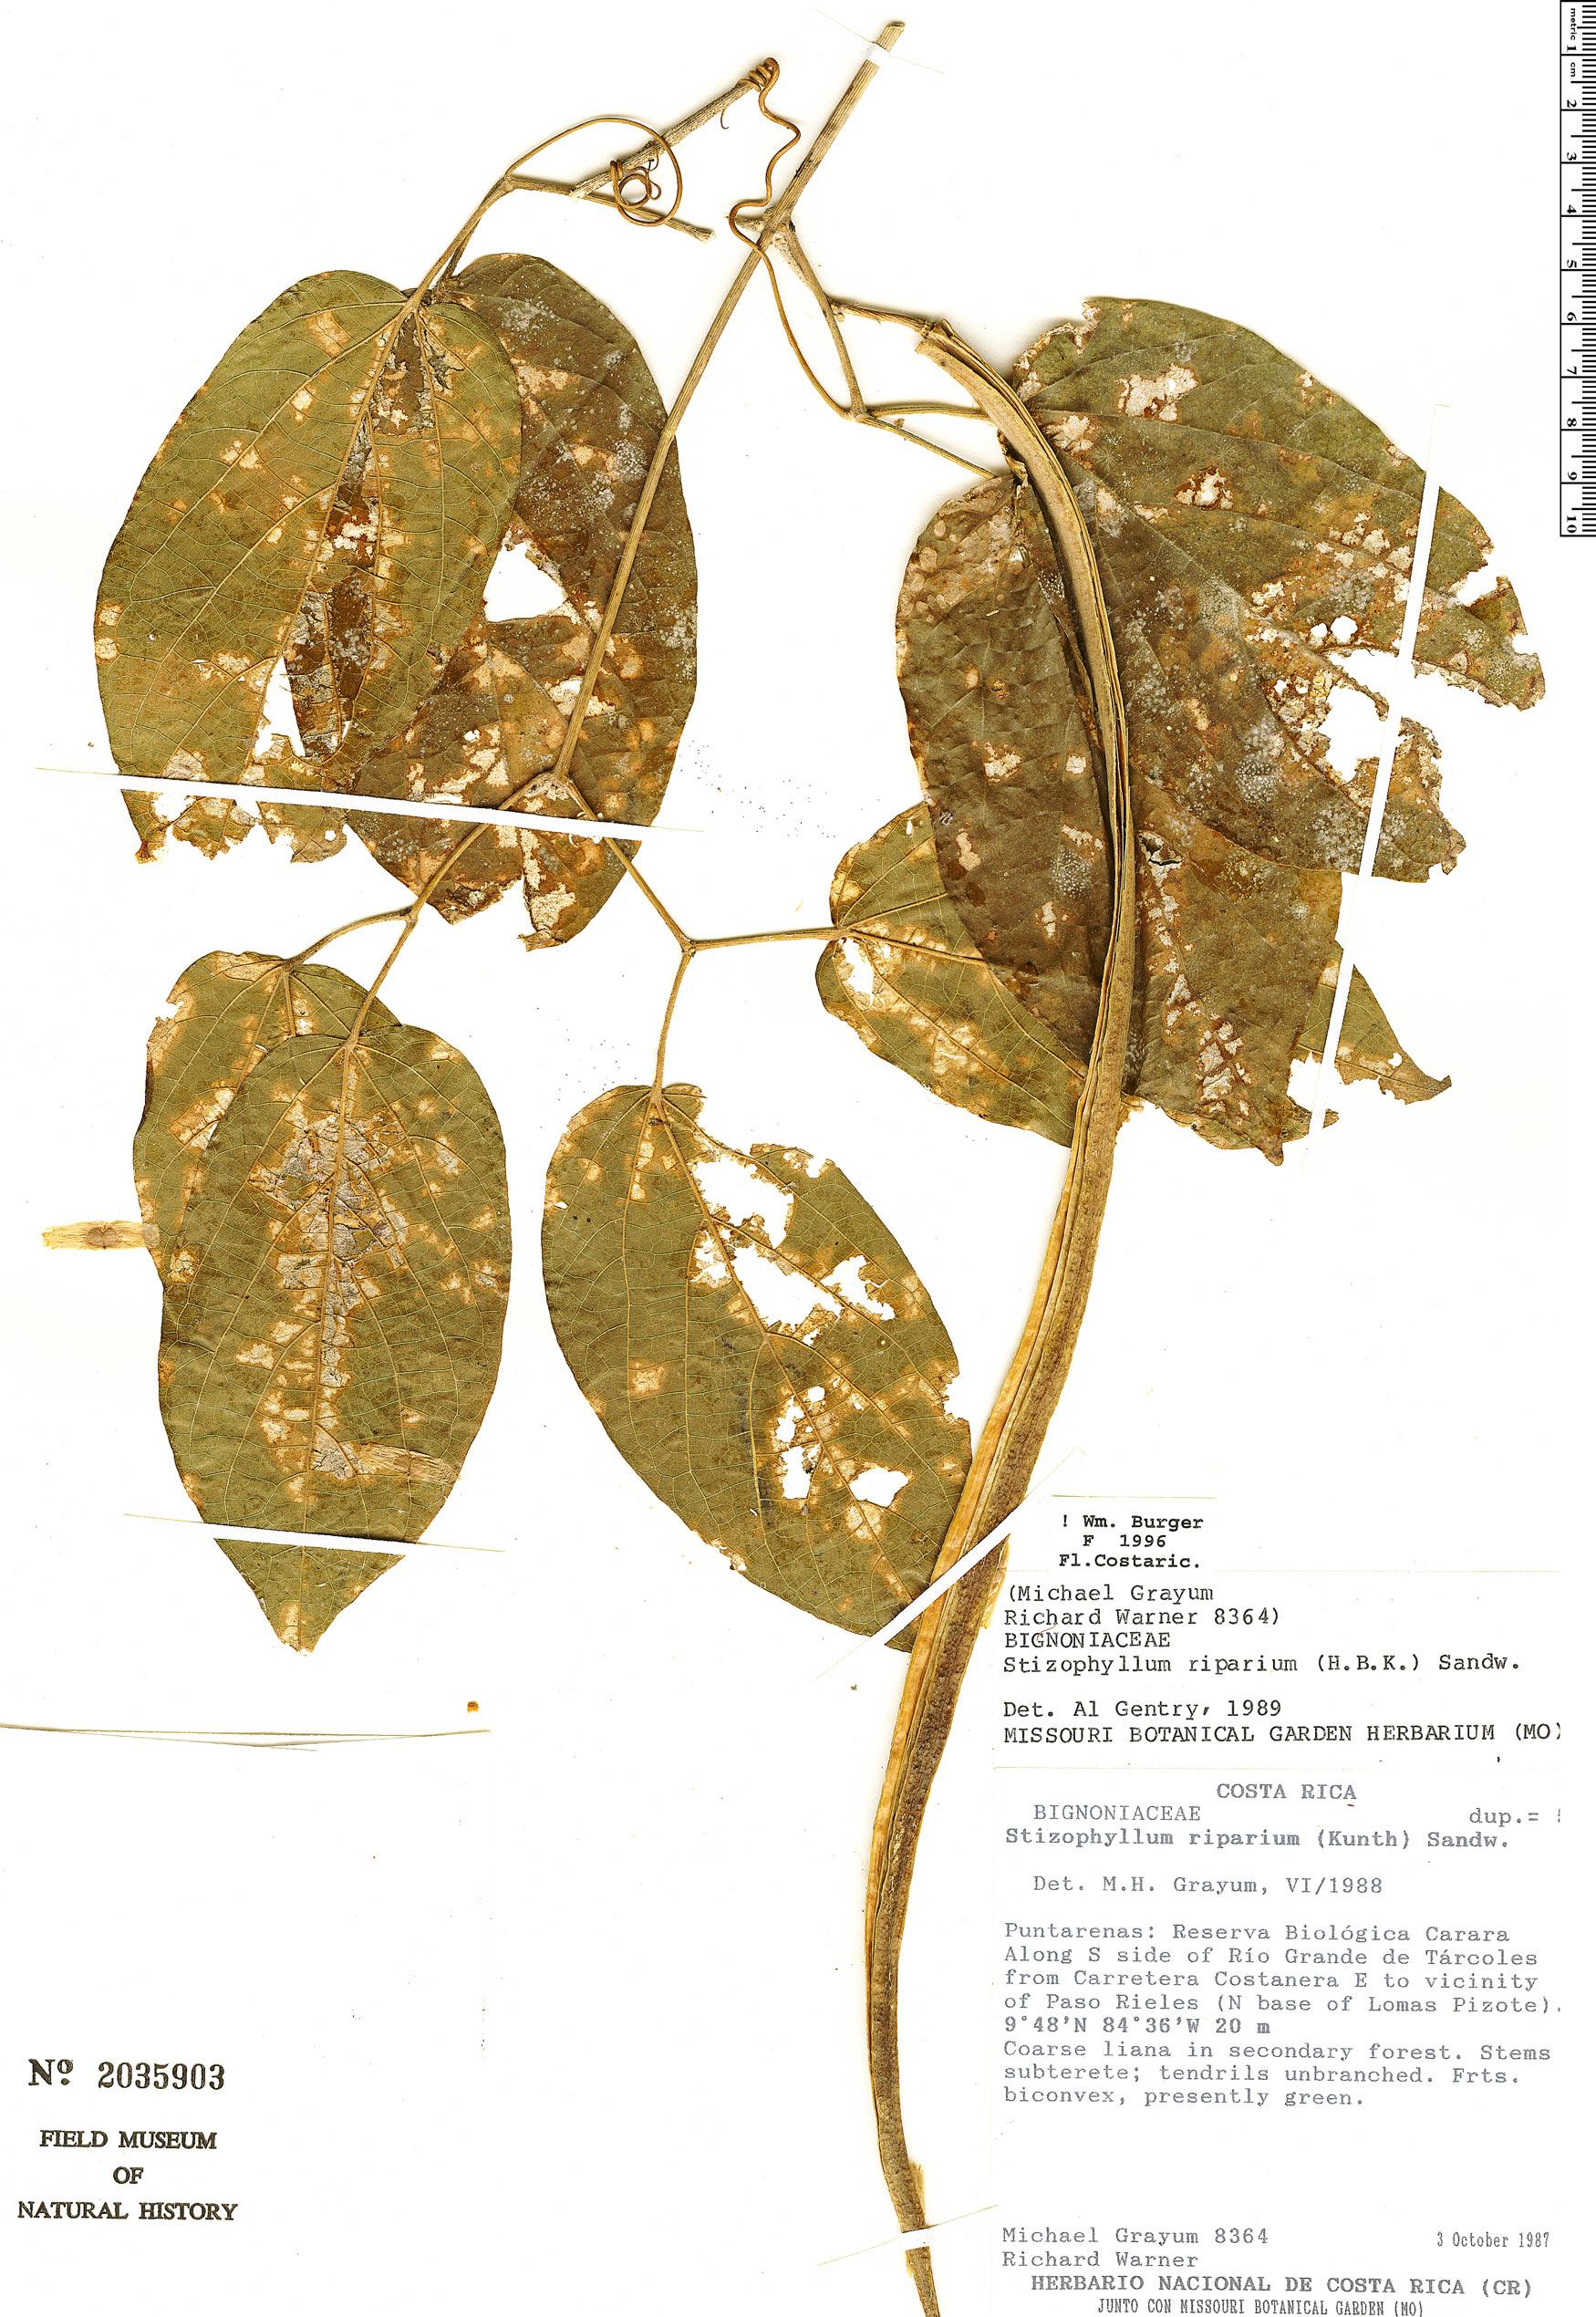 Specimen: Stizophyllum riparium